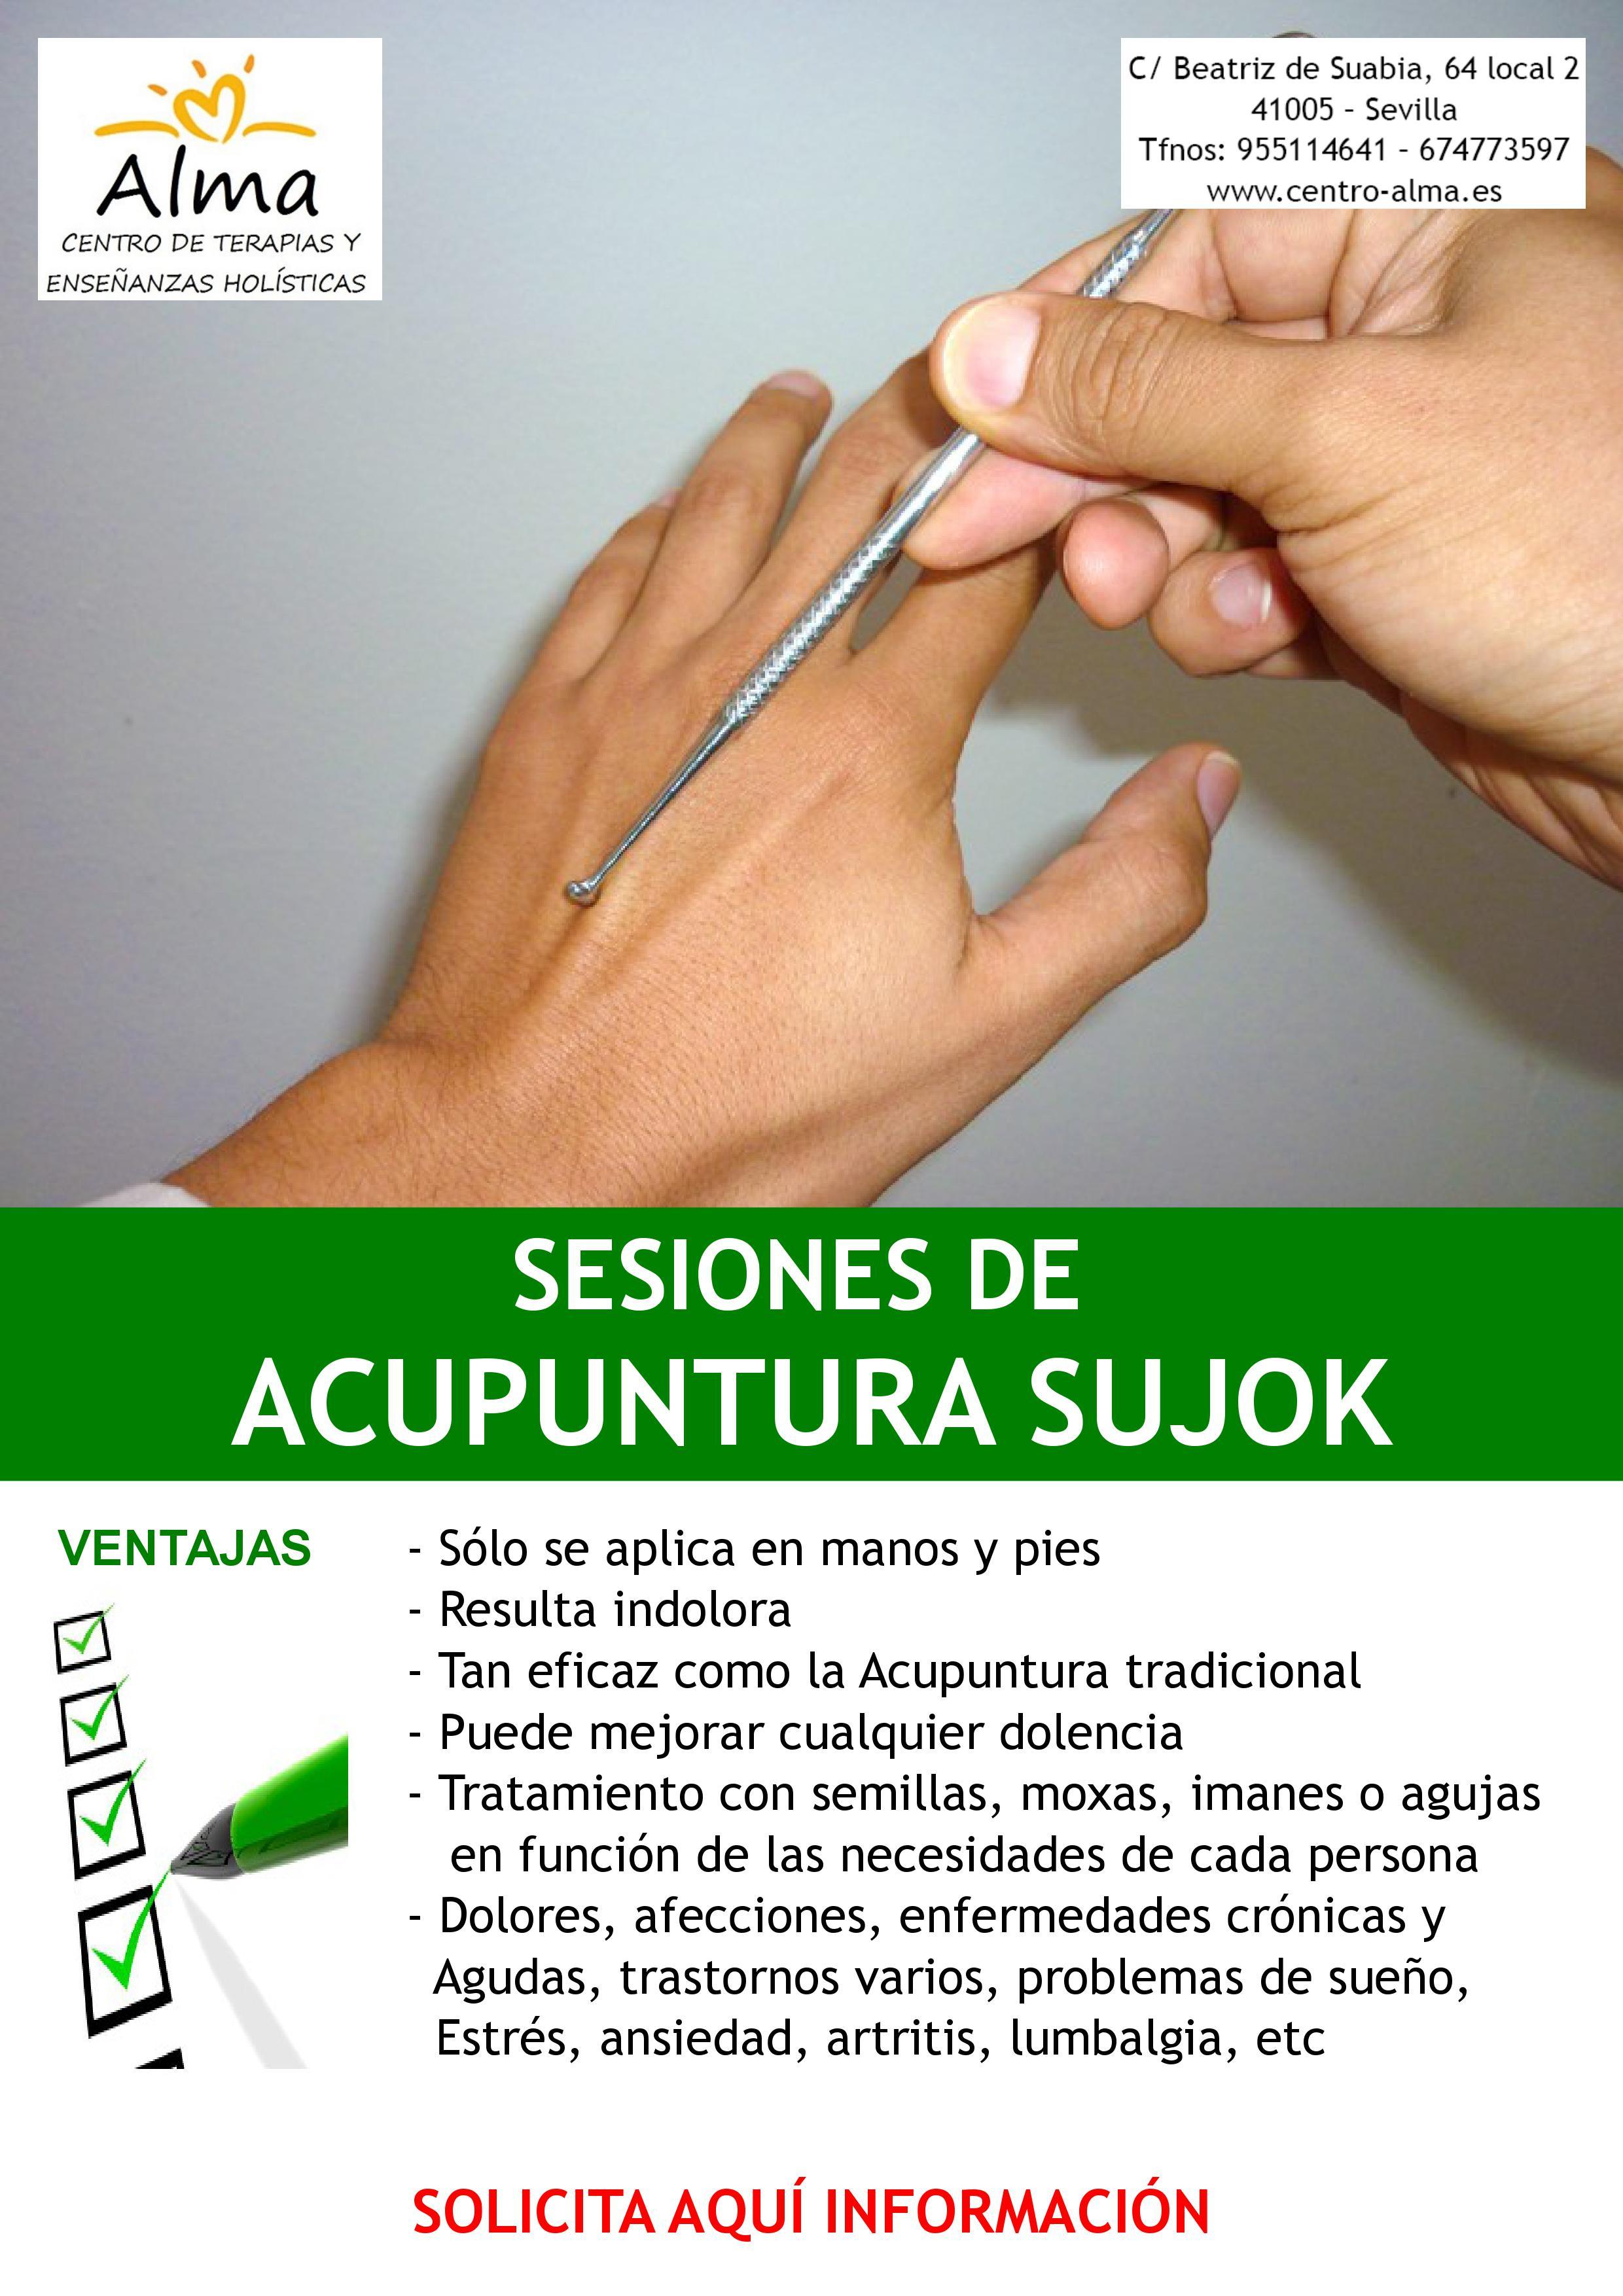 acupuntura sujok 1